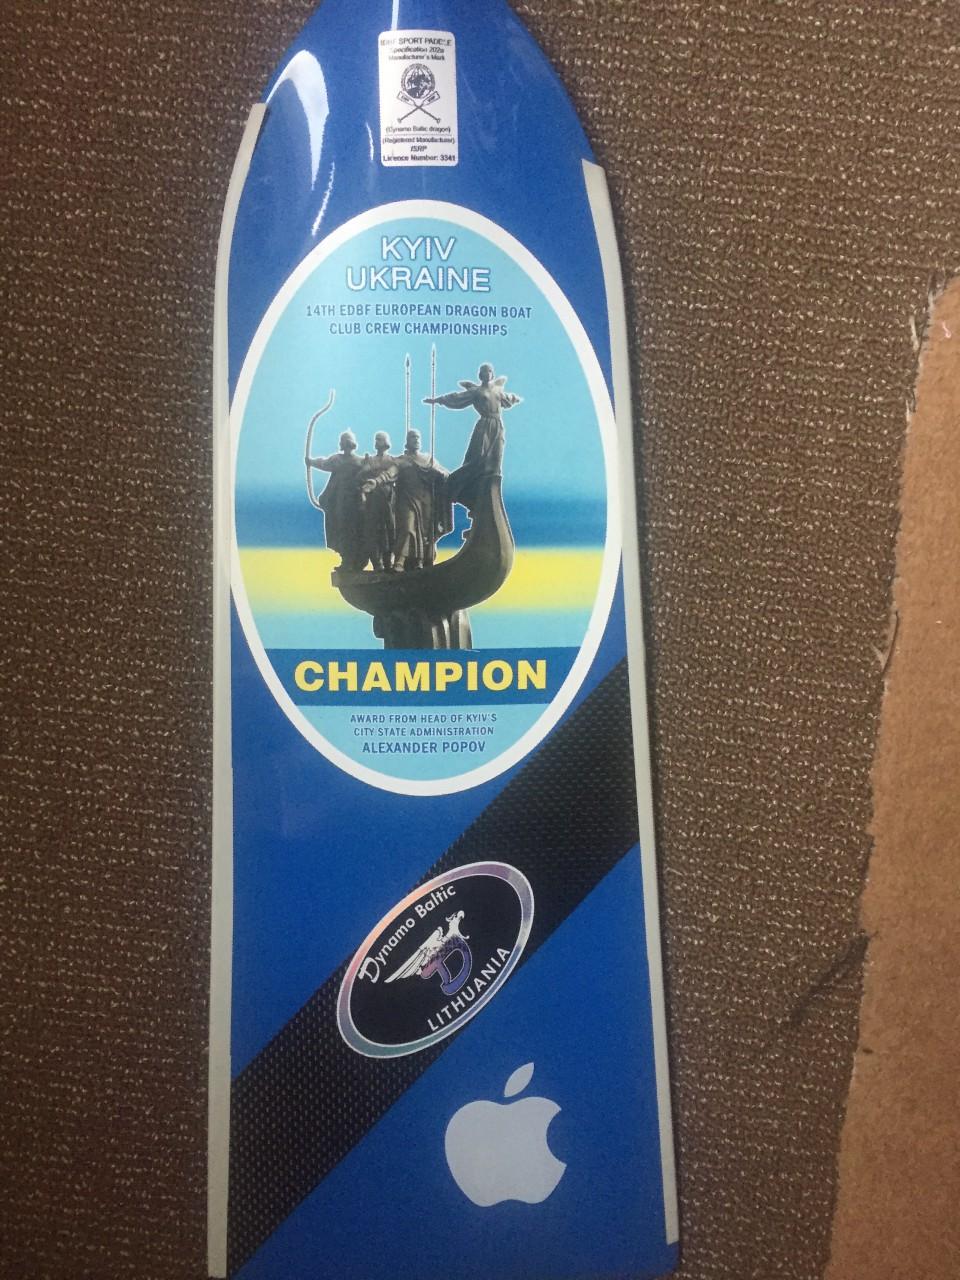 Здравствуйте, продам весло для гребли на драгонботе, весло с чемпионата Европы 2011 года